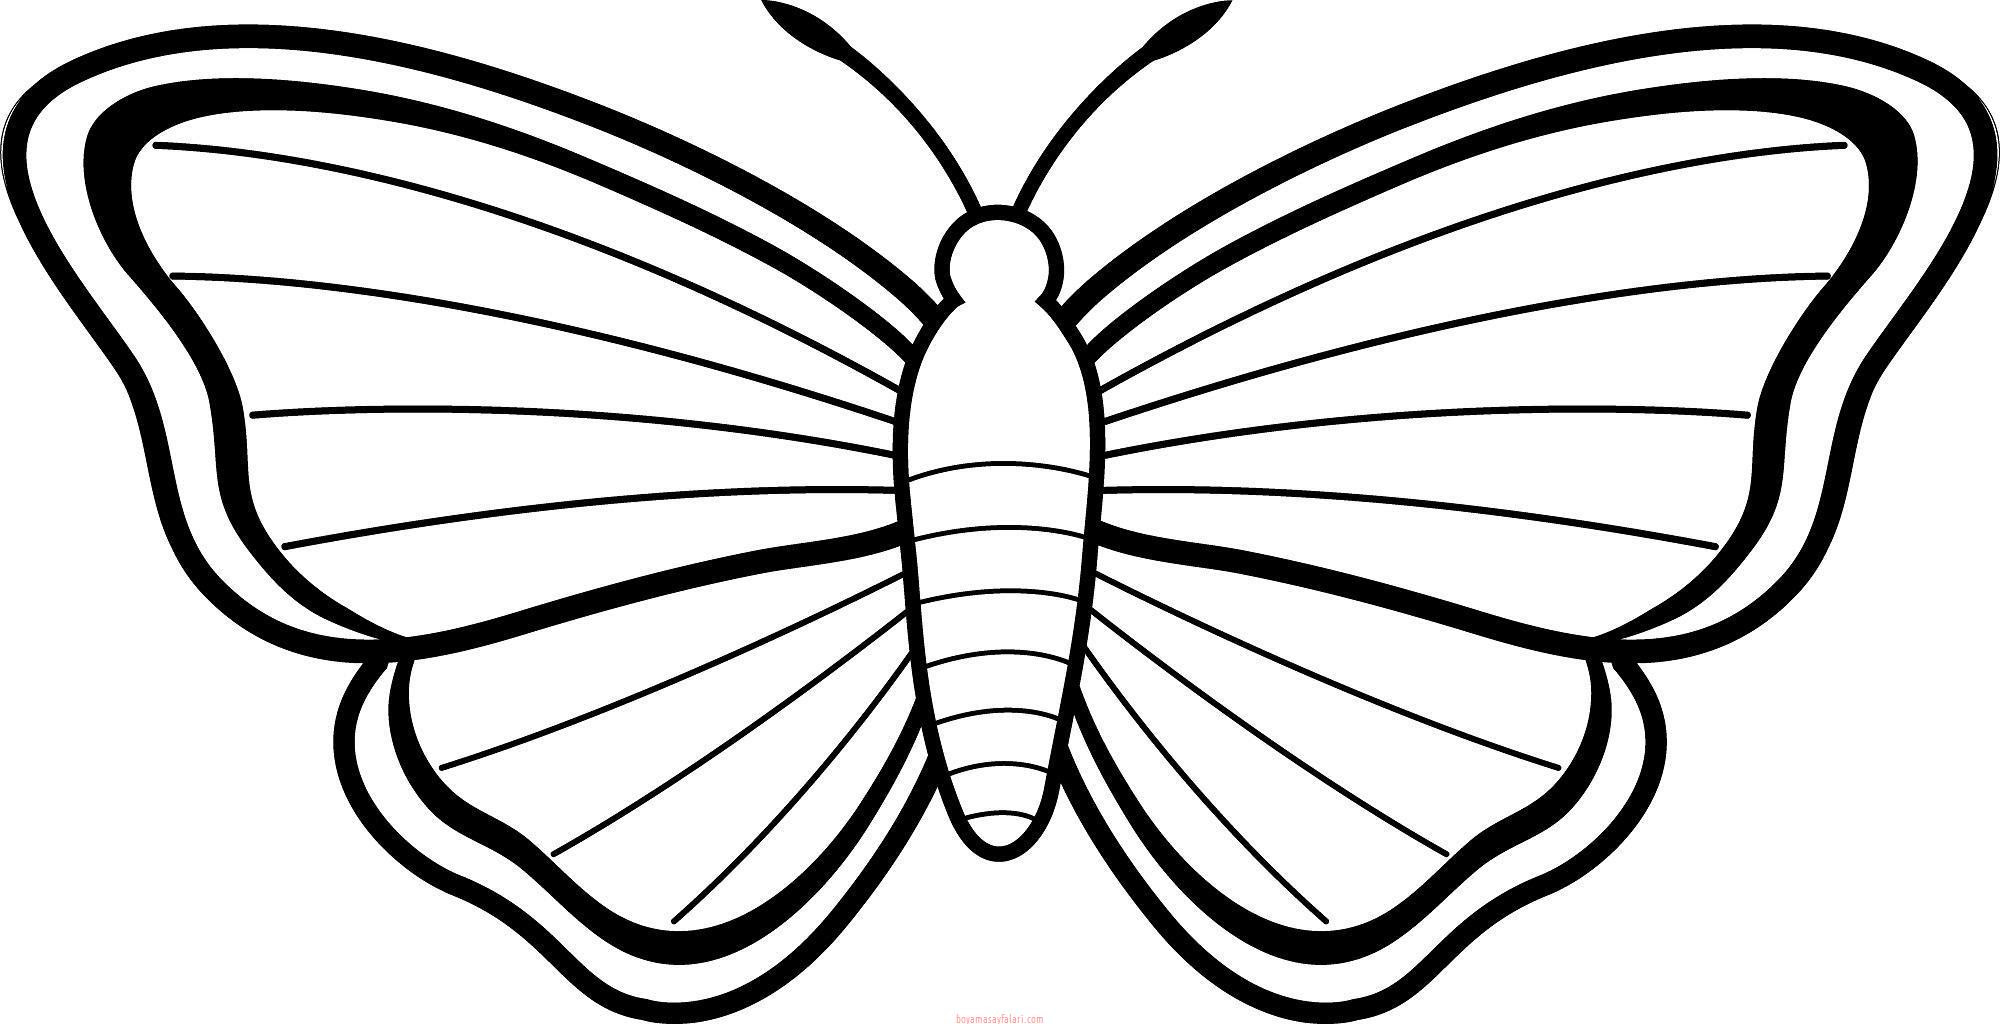 Kelebek Boyama Okul öncesi Sınıf öğretmenleri Için ücretsiz özgün